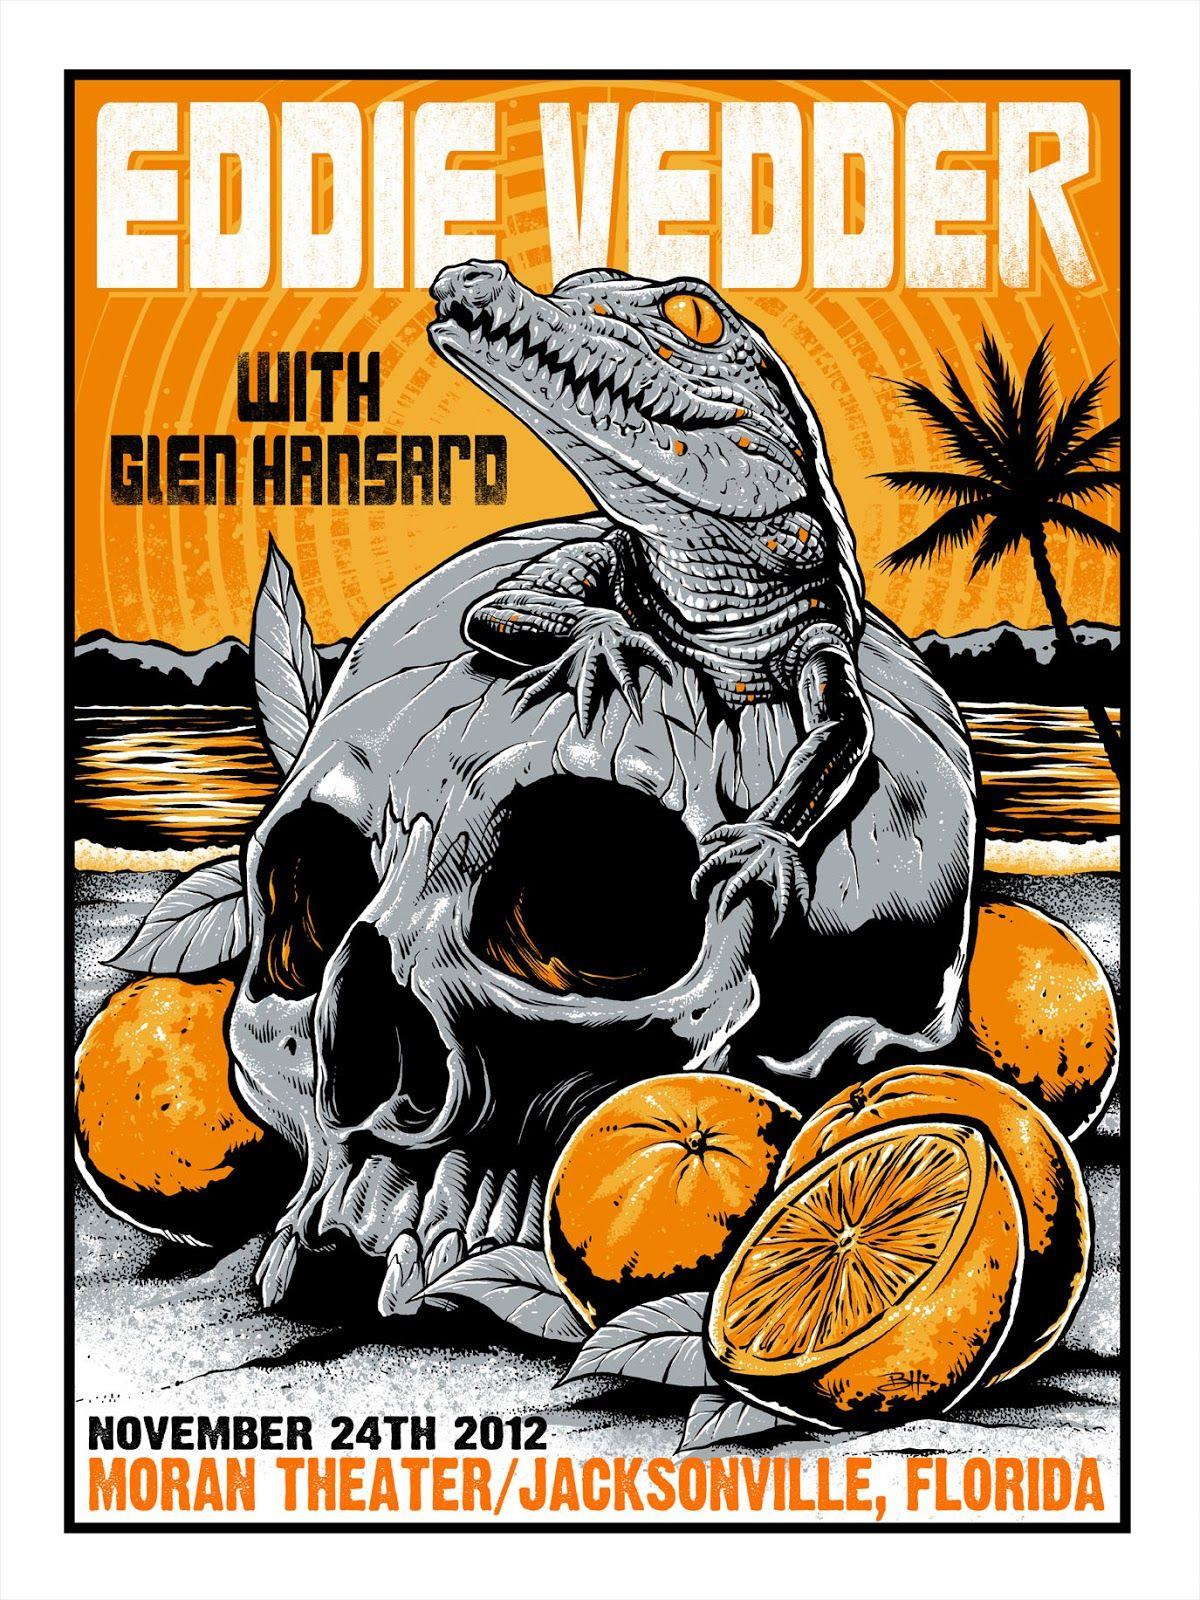 INSIDE THE ROCK POSTER FRAME BLOG: Eddie Vedder Jacksonville Poster ...